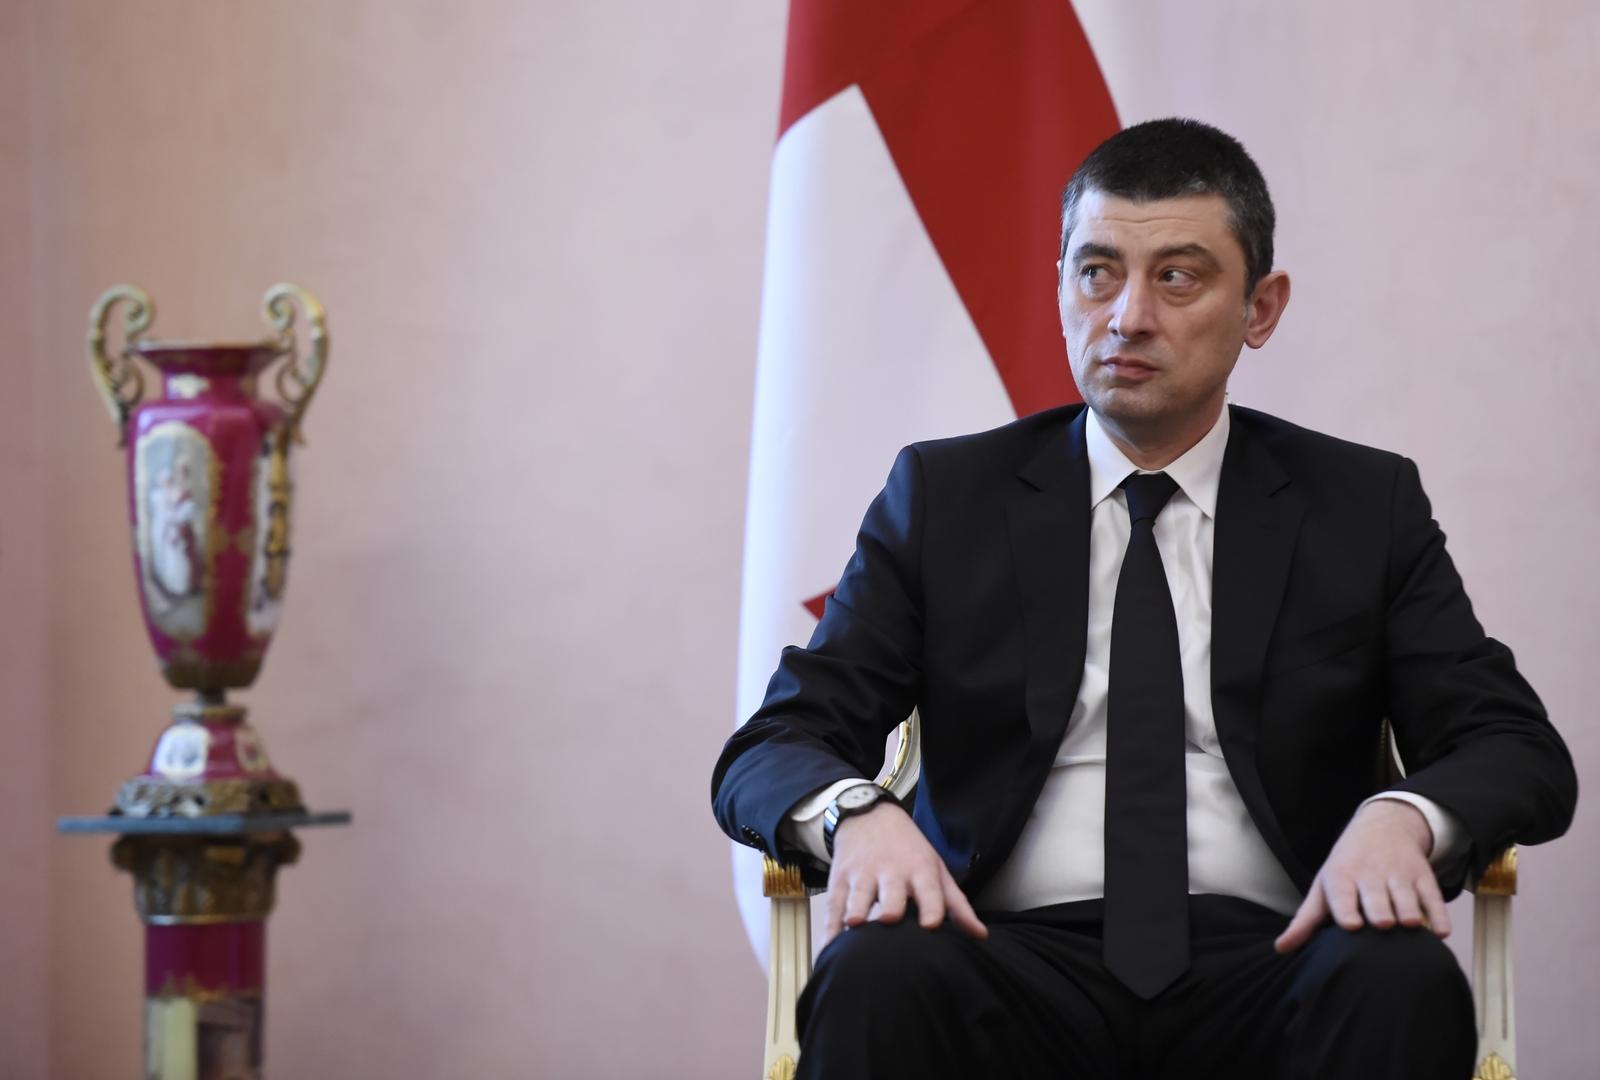 رئيس وزراء جورجيا يعلن استقالته بسبب خلافات مع فريقه الحكومي